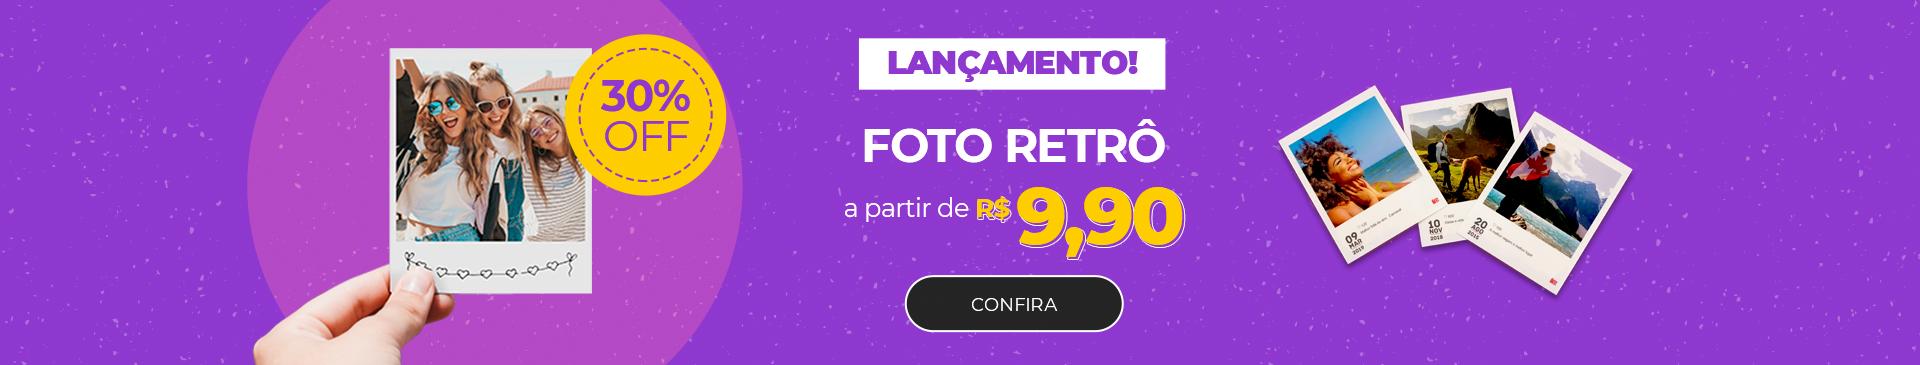 LANÇAMENTO | Foto Retrô